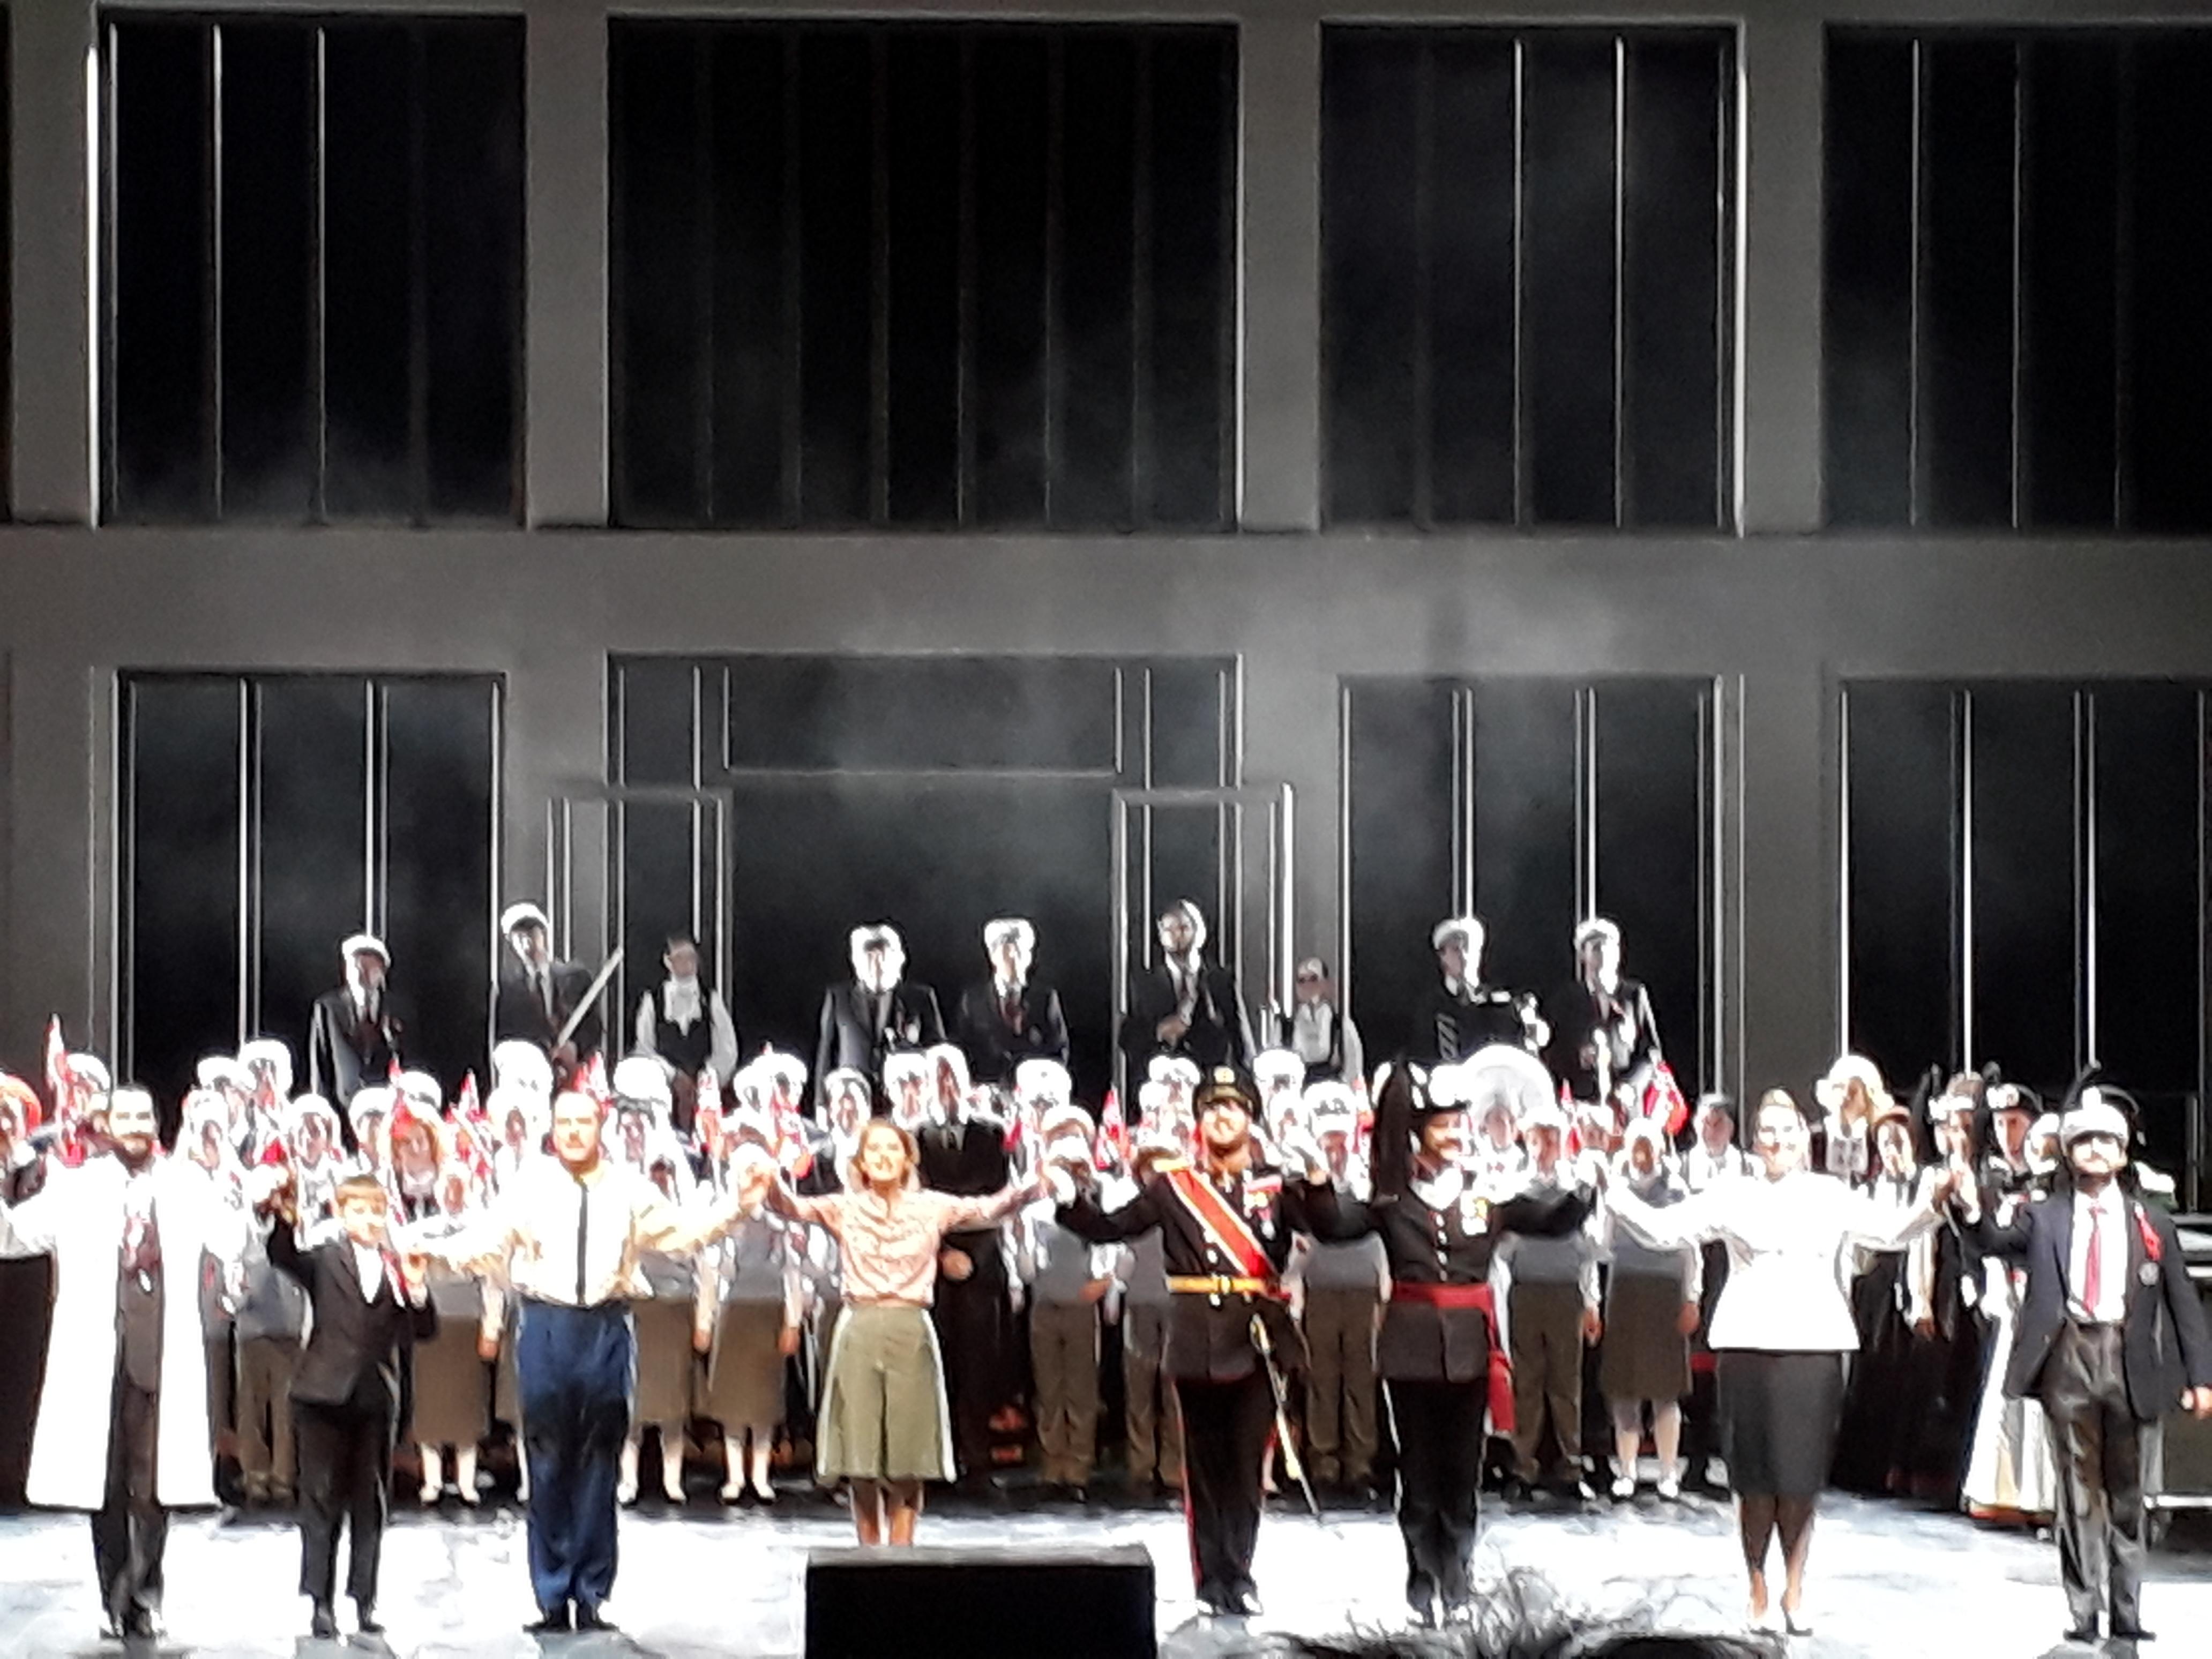 »Wozzeck« an der Deutschen Oper Berlin: Hei, was ein Abend! Haha! Mit Ross, Sex, Molch & Mord